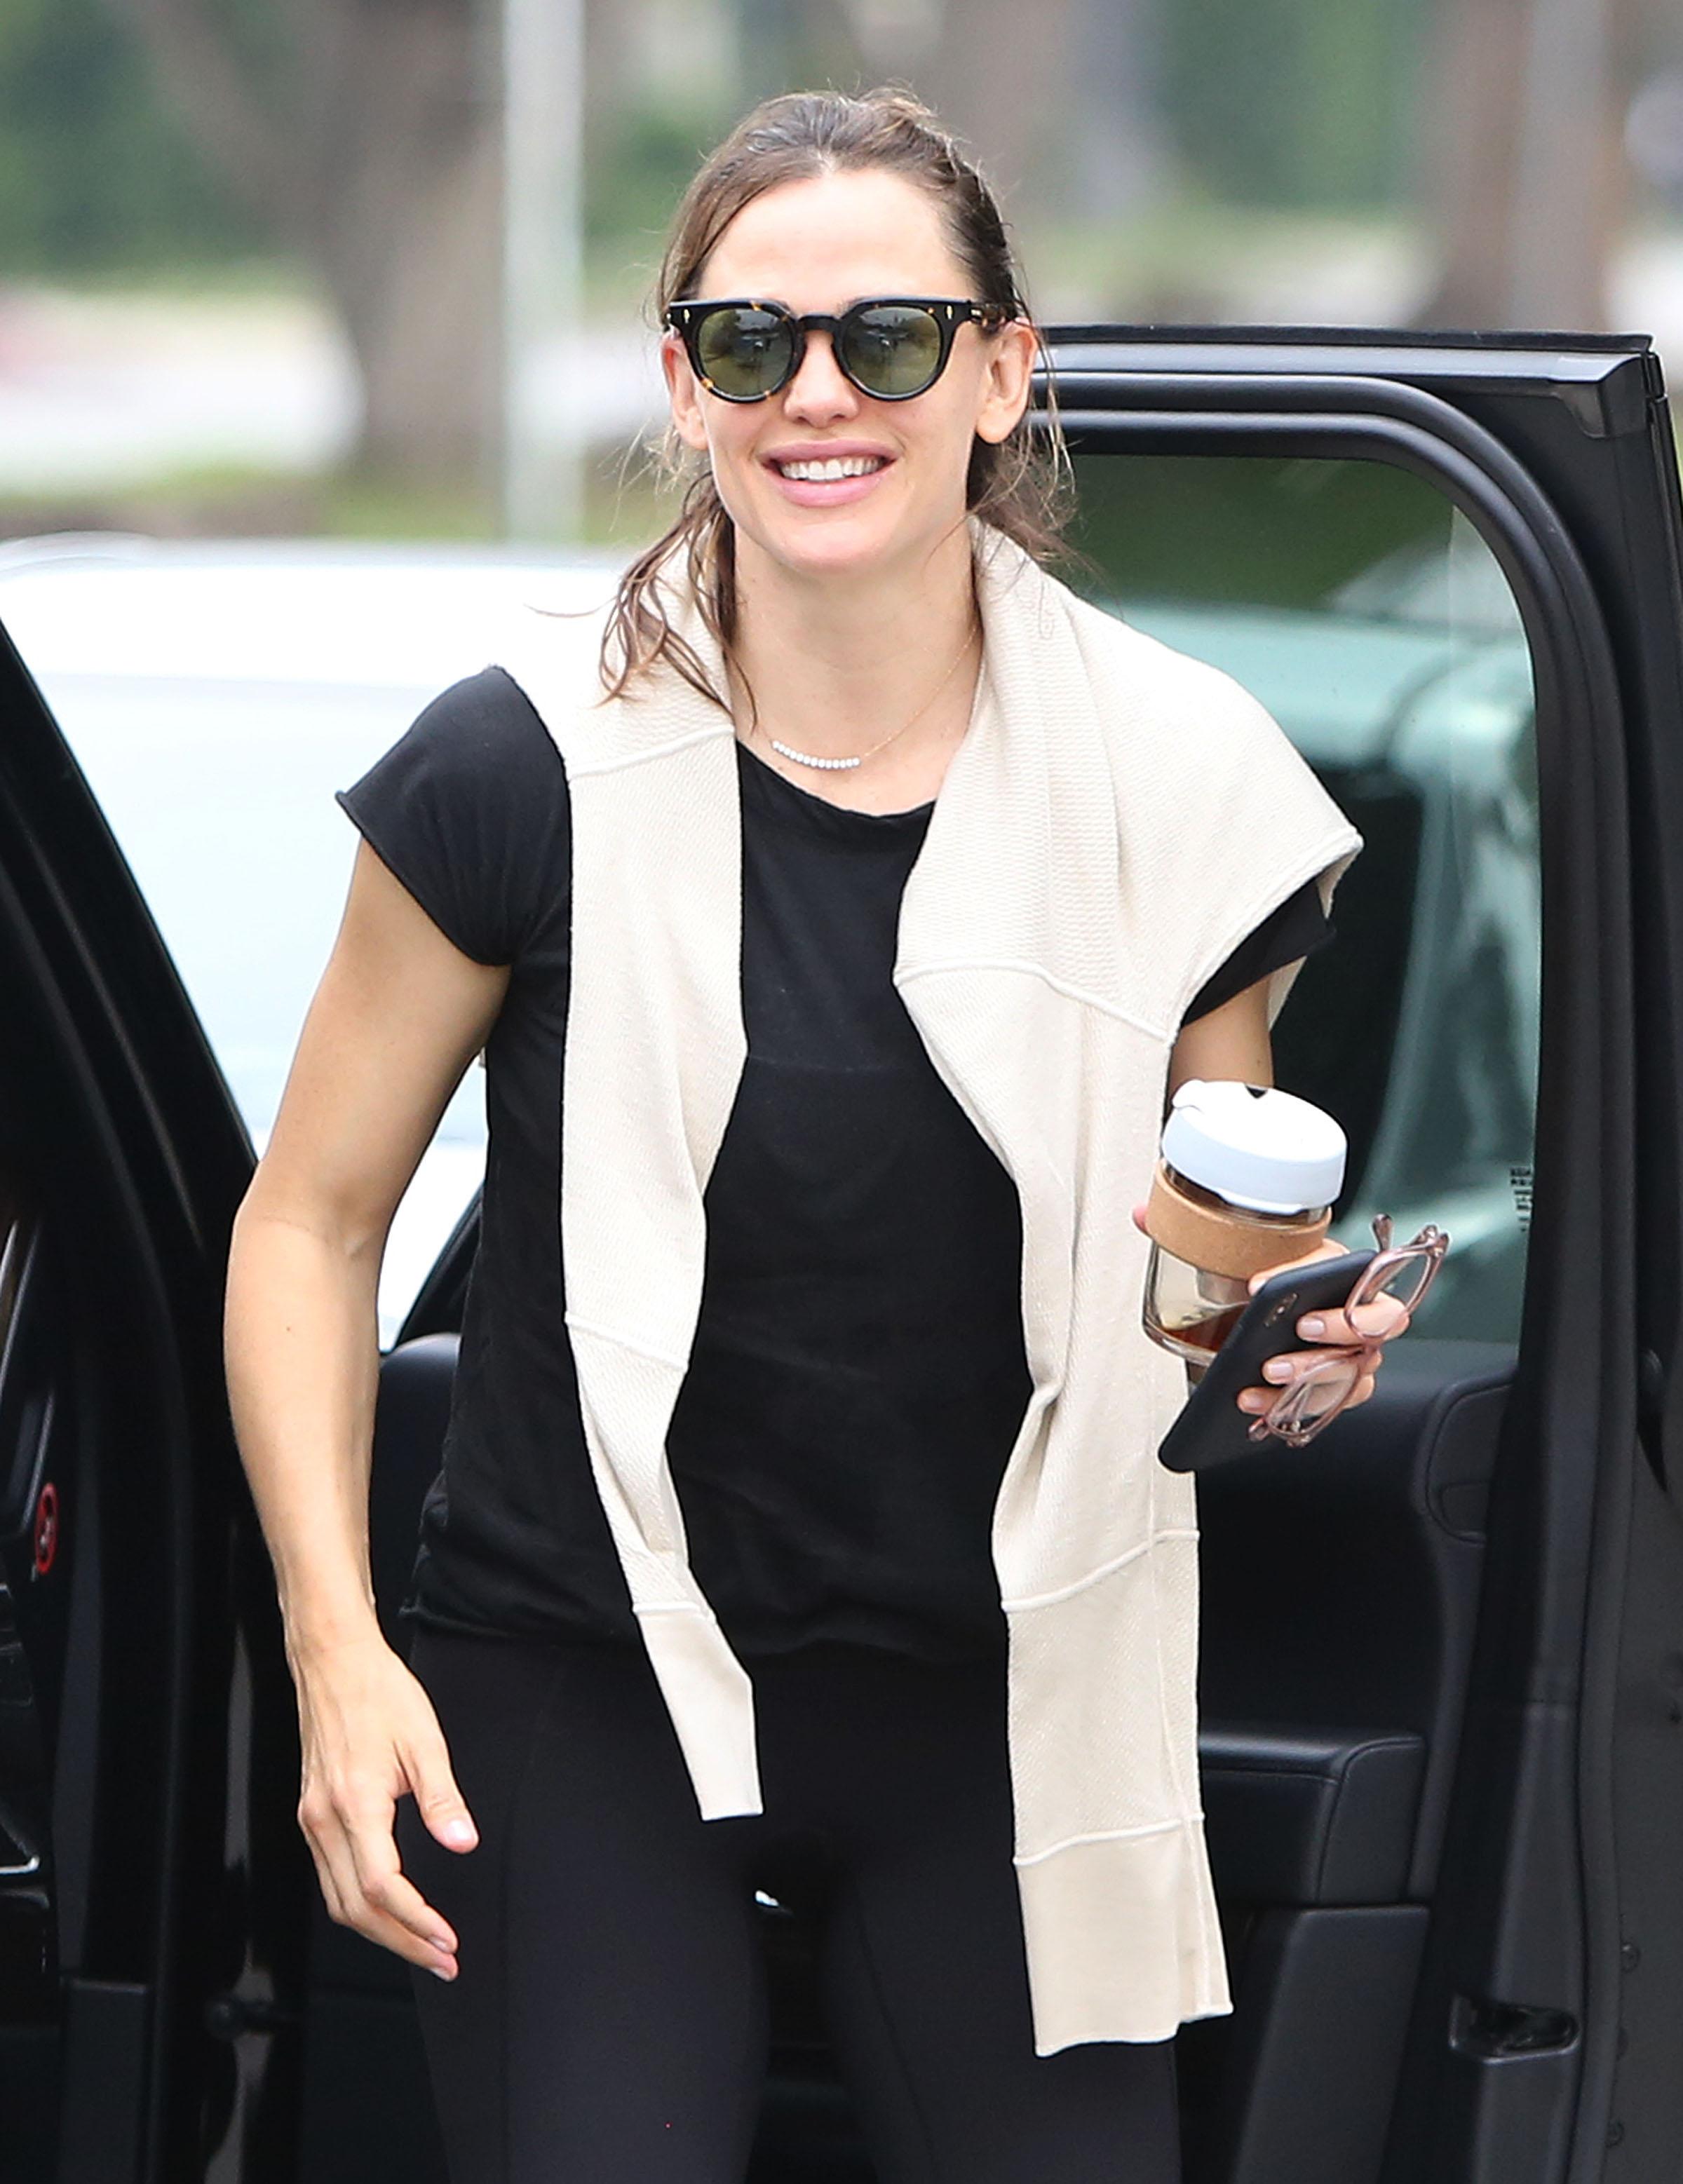 Όσο πίνεις τον καφέ σου μπορείς να δεις το ολοκαίνουργιο κούρεμα της Jennifer Garner. Και μετά να κουρευτείς κι εσύ!